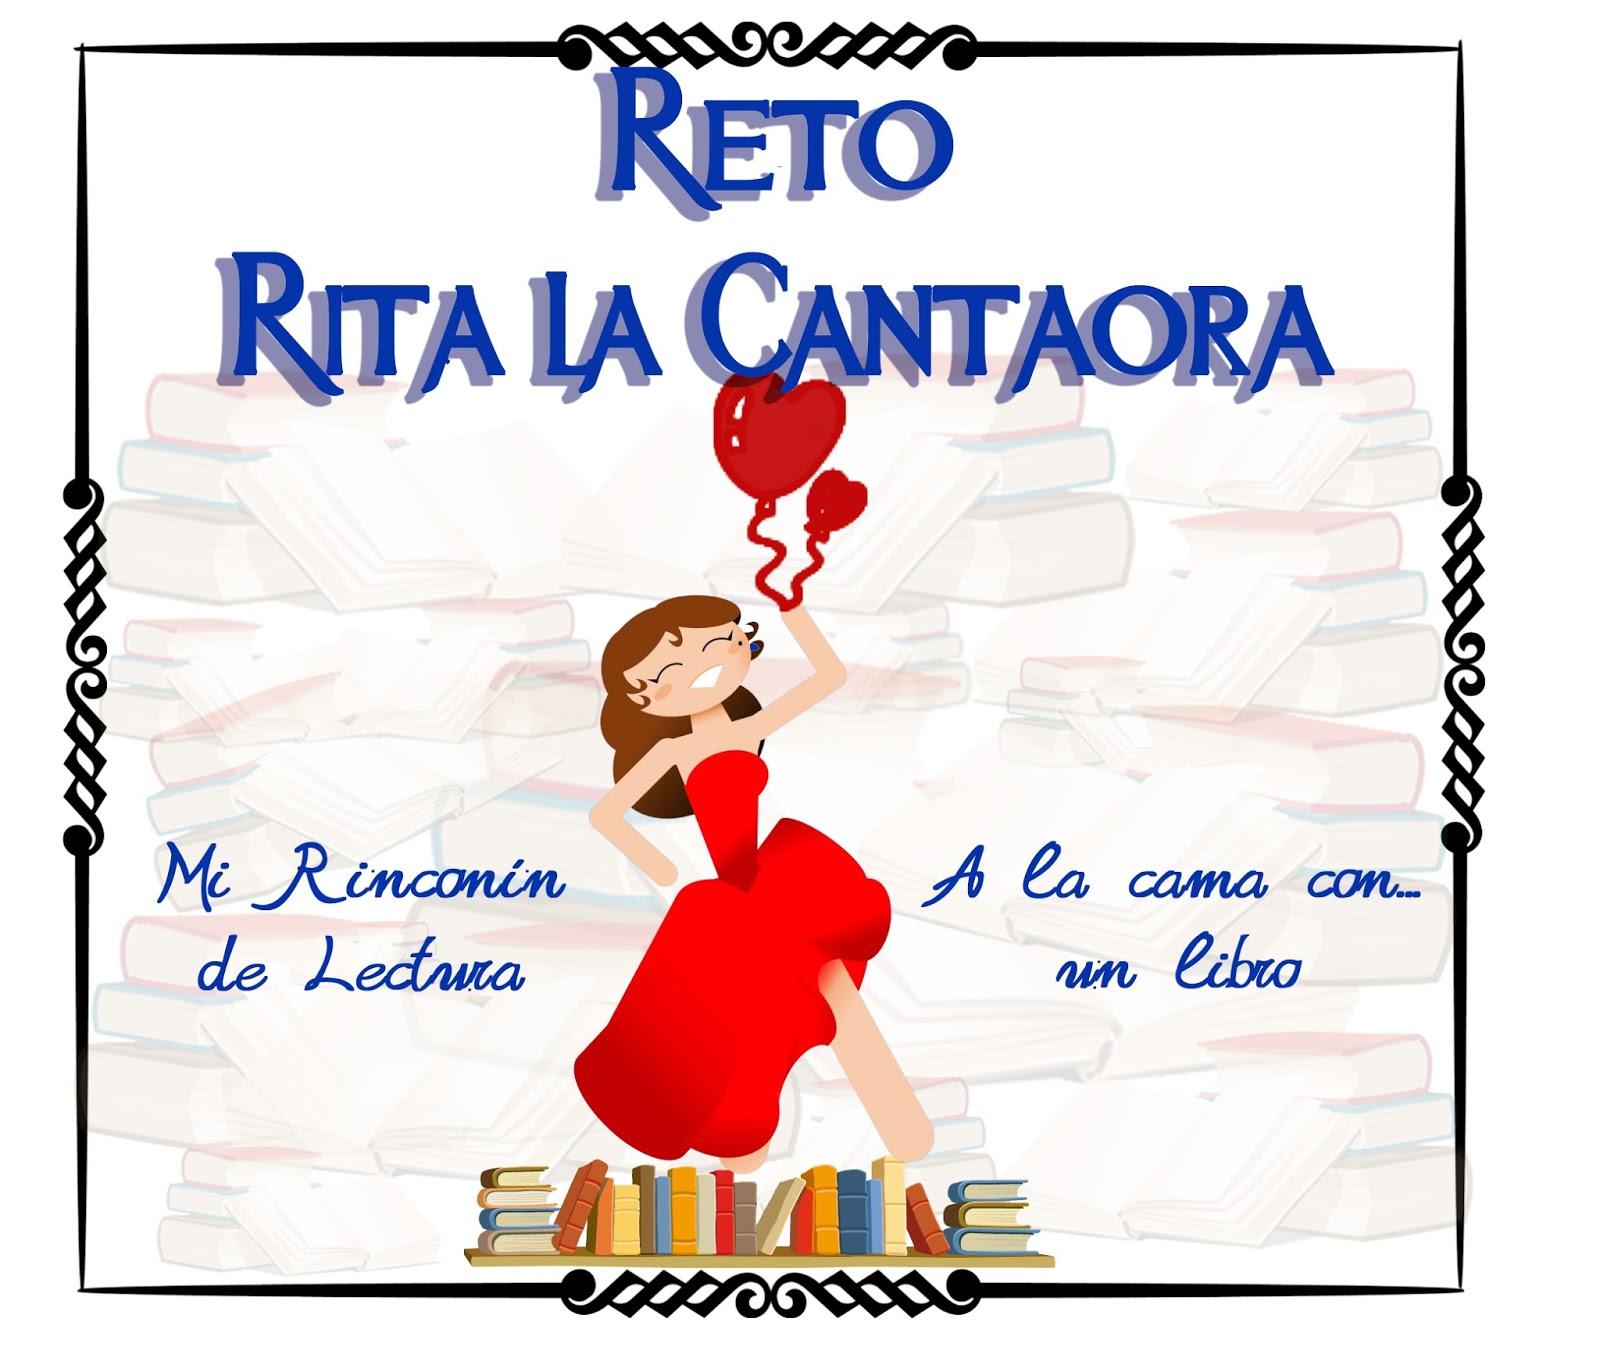 Reto Rita la Cantaora